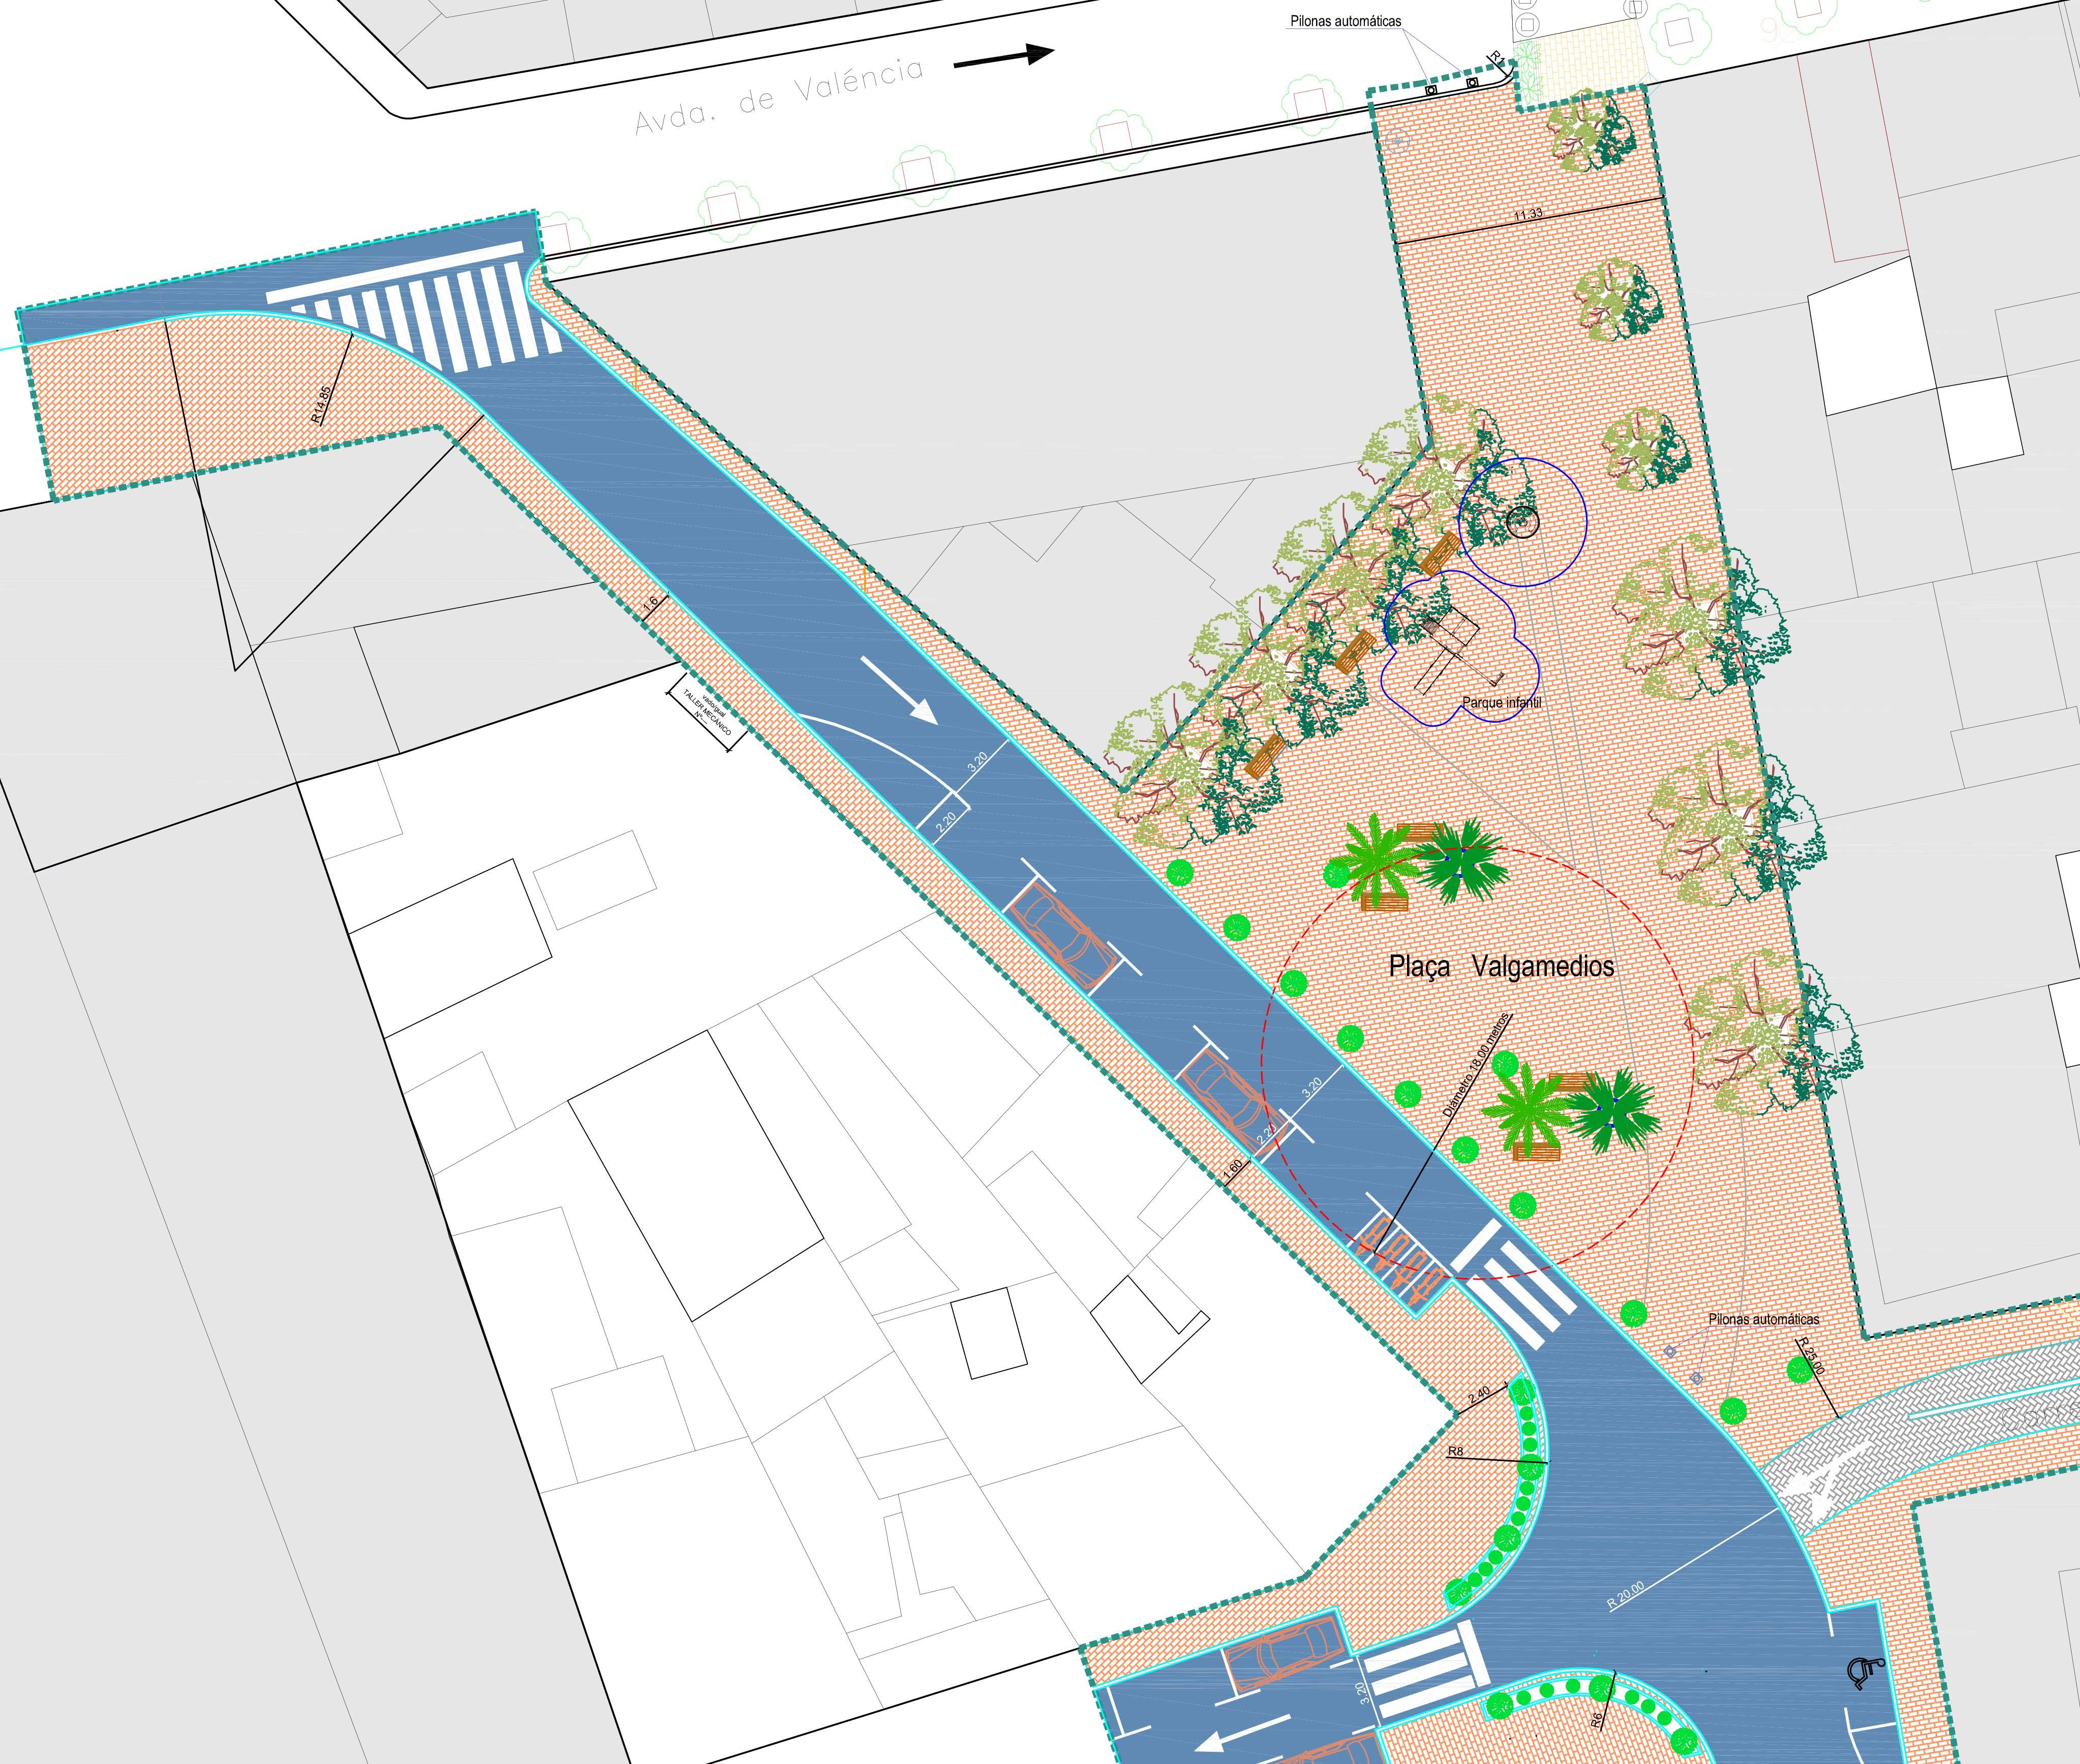 El projecte per a finalitzar les obres de la plaça de Valgamedios: plataforma única i jardin...